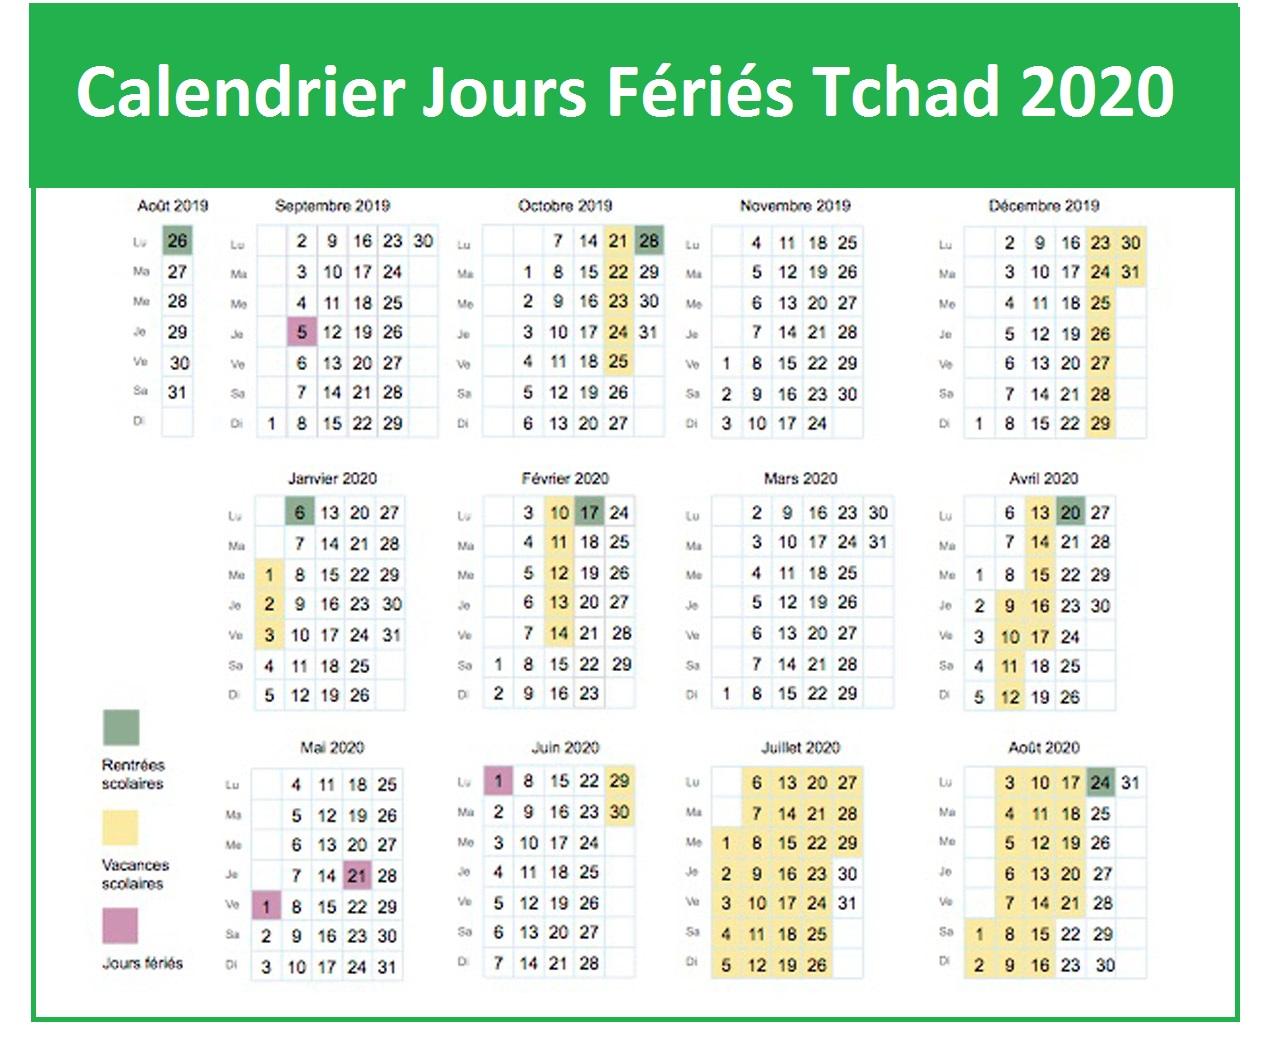 Calendrier Des Jours Fériés Au Tchad 2020